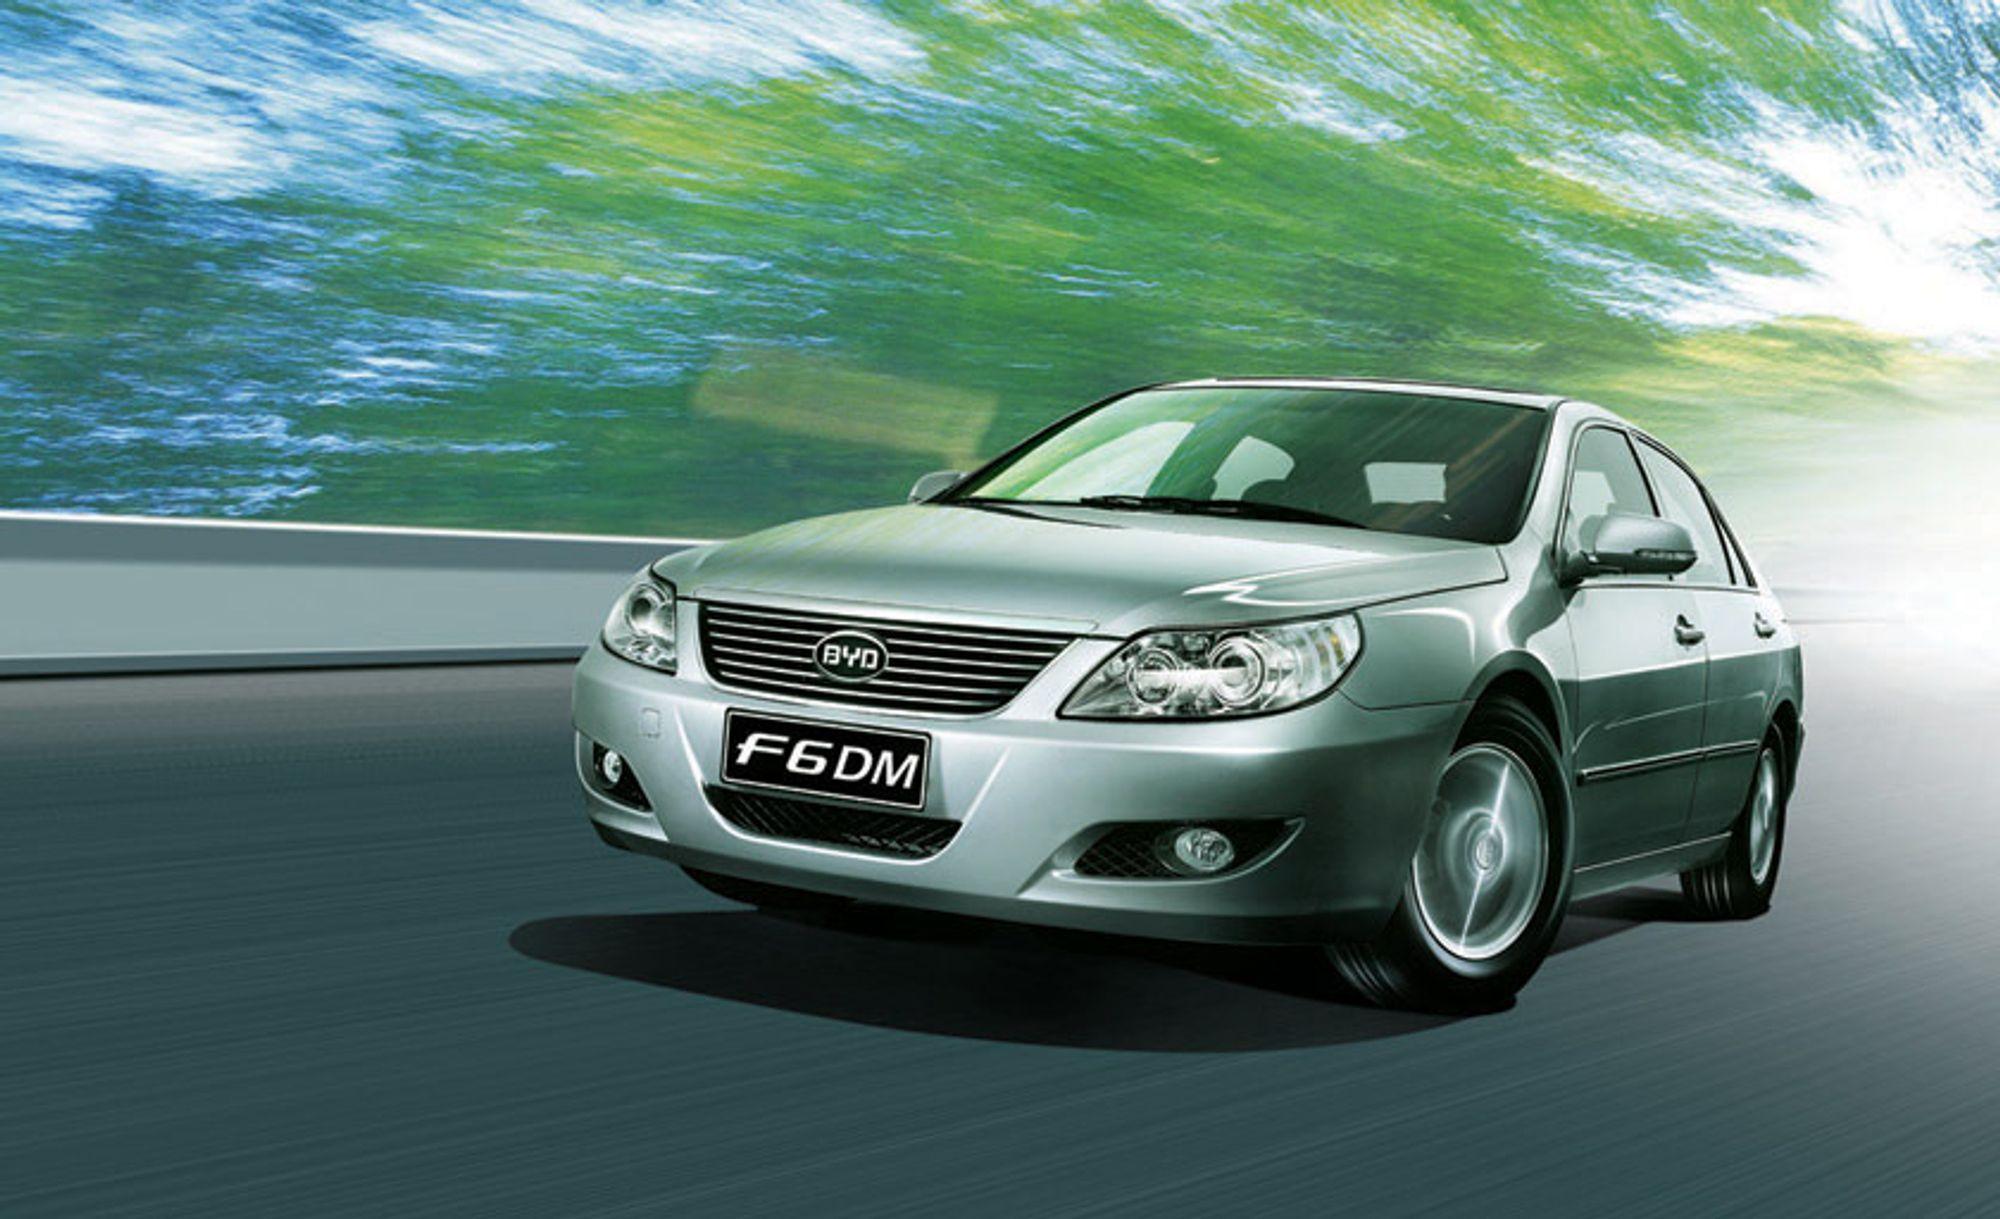 BYD F6DM er en plug-in-hybrid som skal komme i salg i Kina allerede i år.